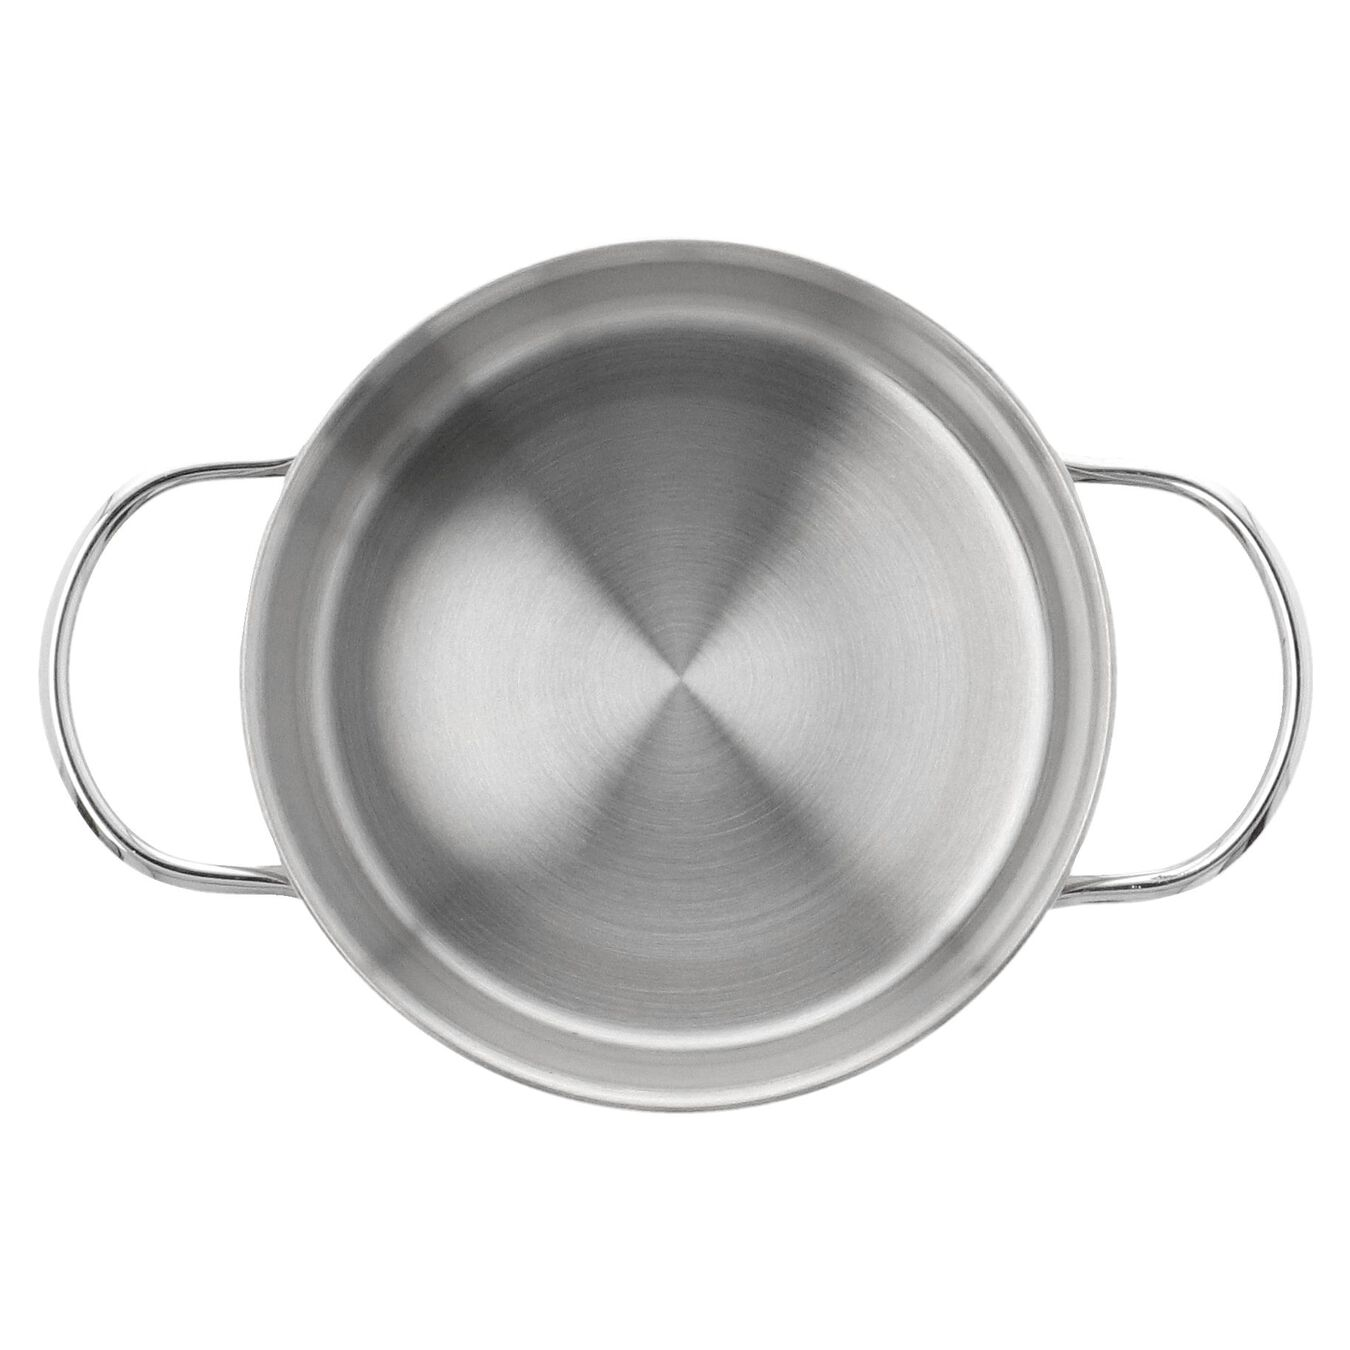 Set de casseroles, 4-pces,,large 13